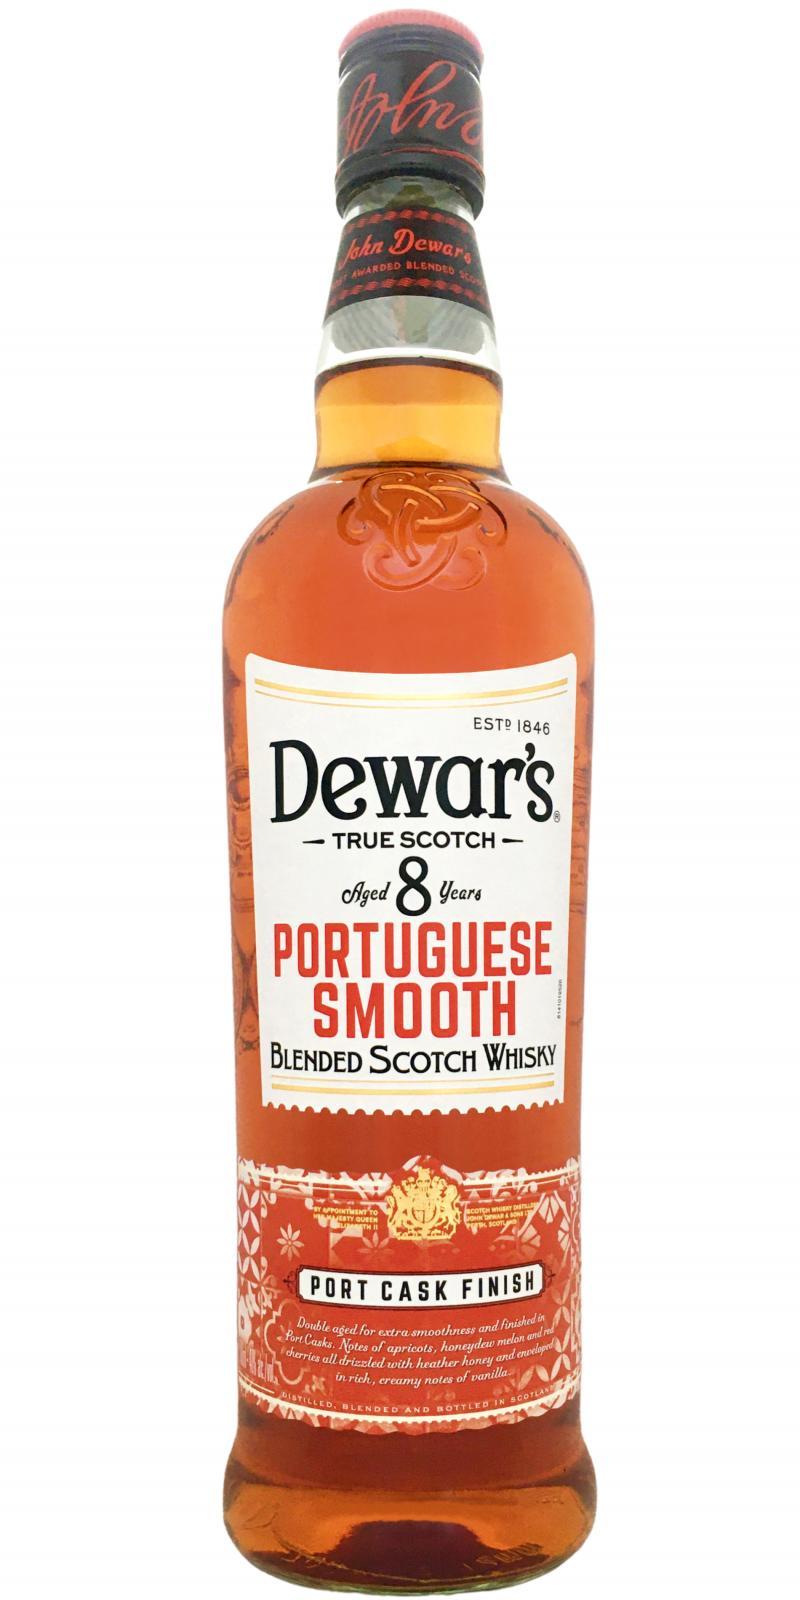 Dewar's Portuguese Smooth